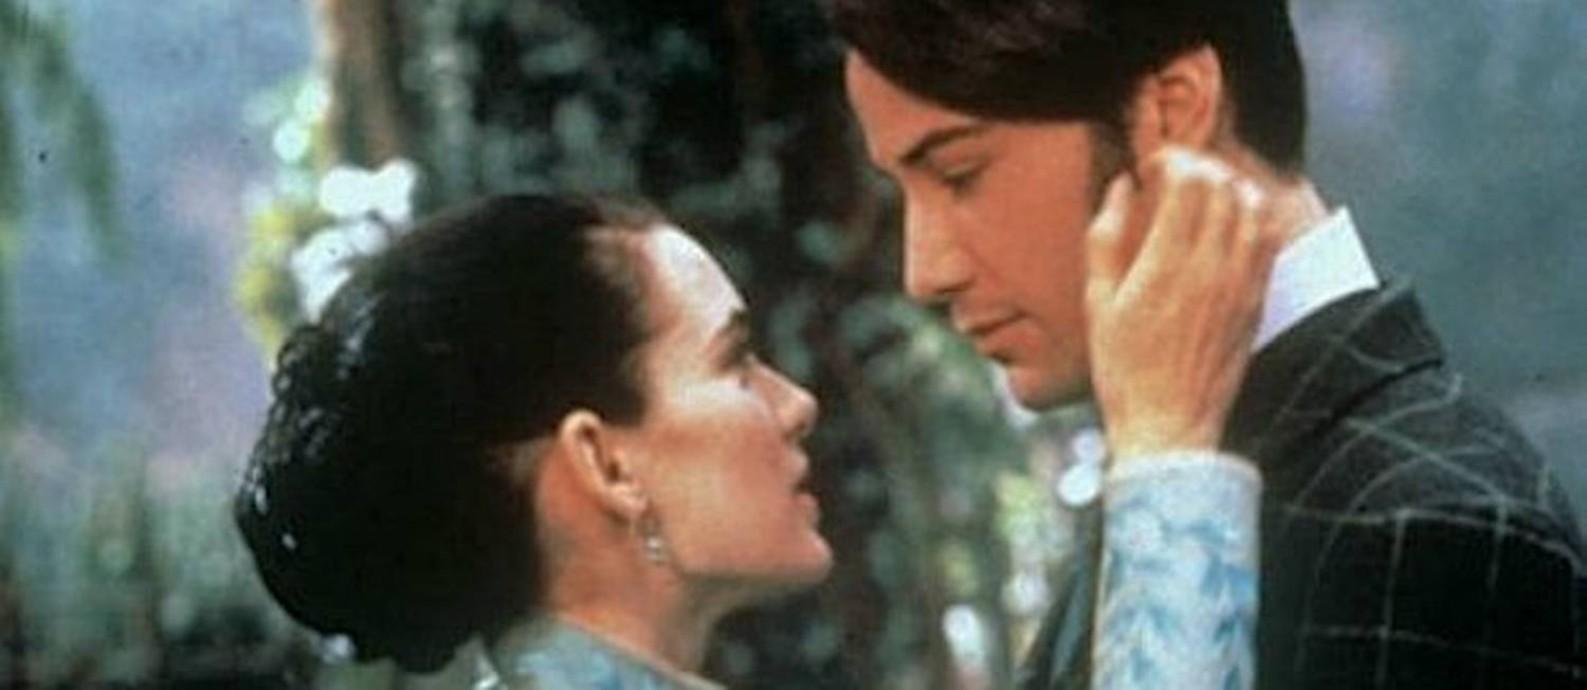 """Winona Ryder e Keanu Reeves em cena de """"Drácula"""", de 1992 Foto: Reprodução / Internet"""